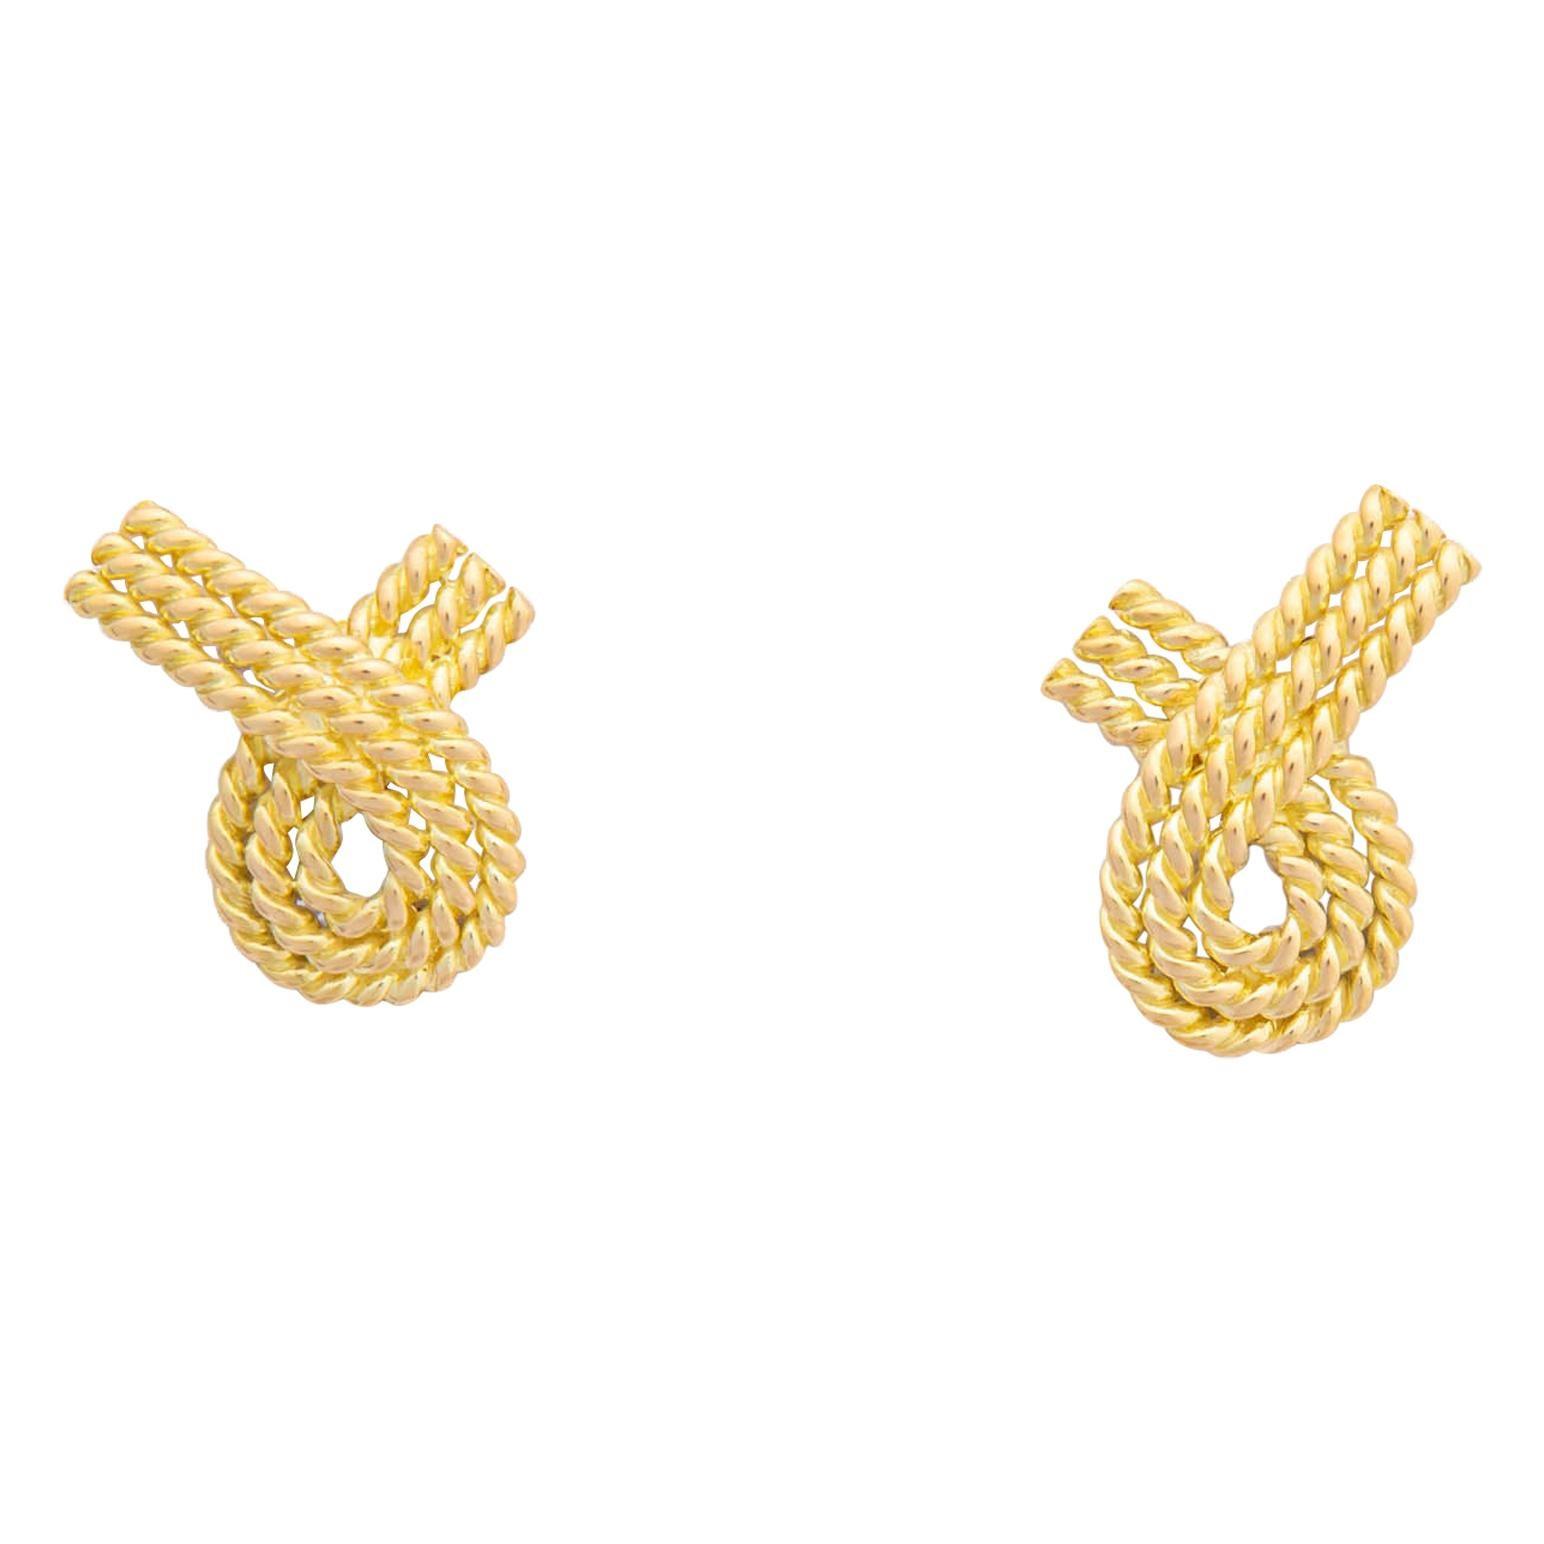 Tiffany & Co. Gold Ribbon Motif Earrings